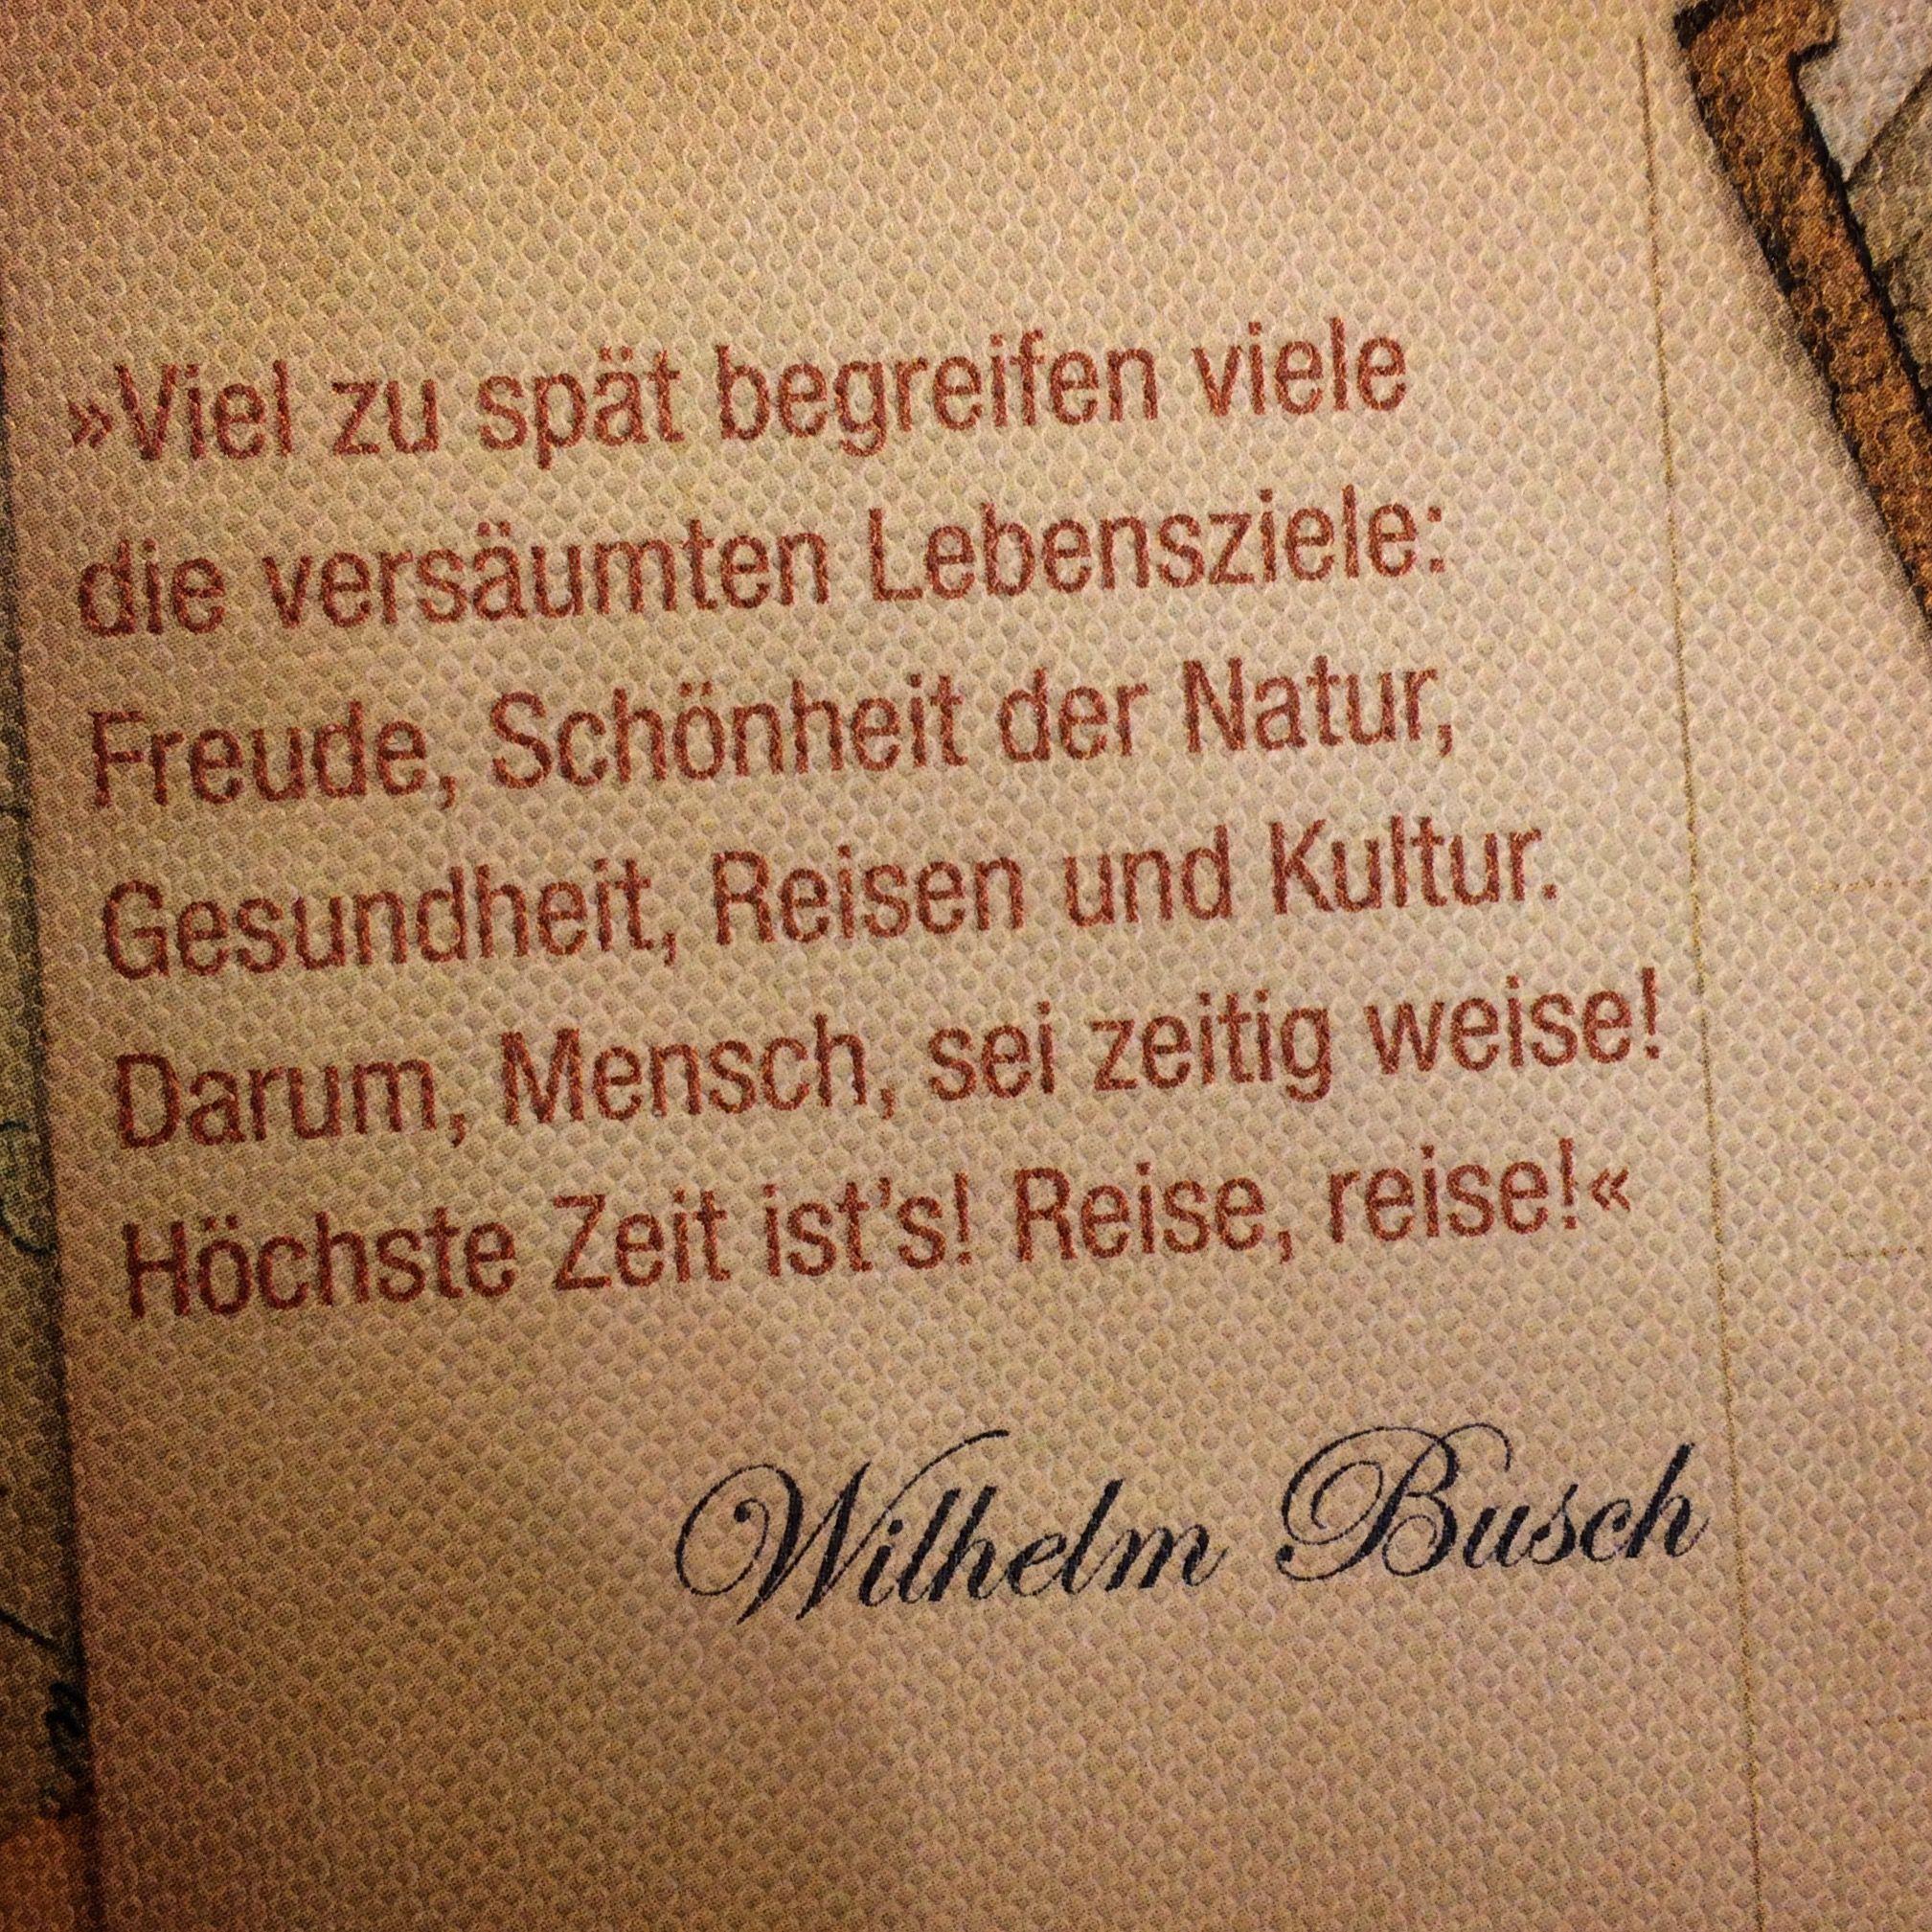 Wahre Worte Von Wilhelm Busch #zitate #sprüche ganzes Wilhelm Busch Geburtstag Gedicht